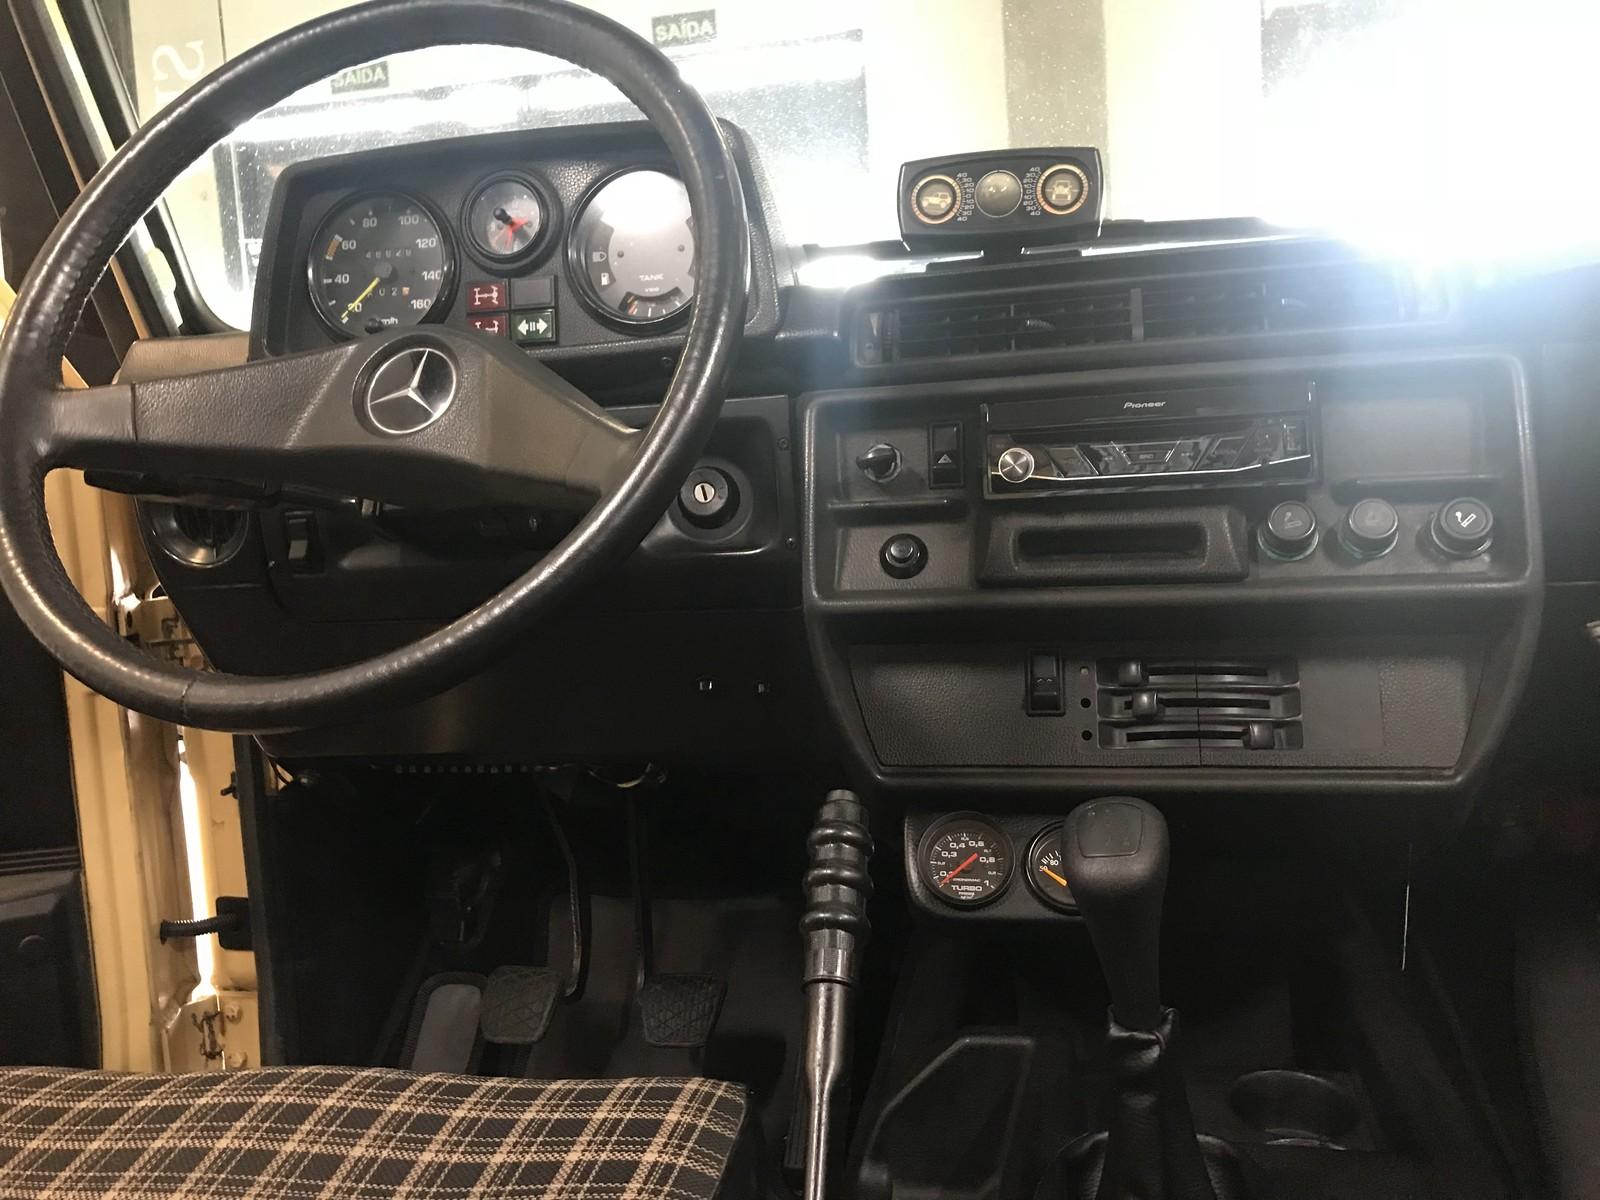 De Jeep da guerra até primeiro Porsche, marcas revivem clássicos no Salão do Automóvel Img-3881